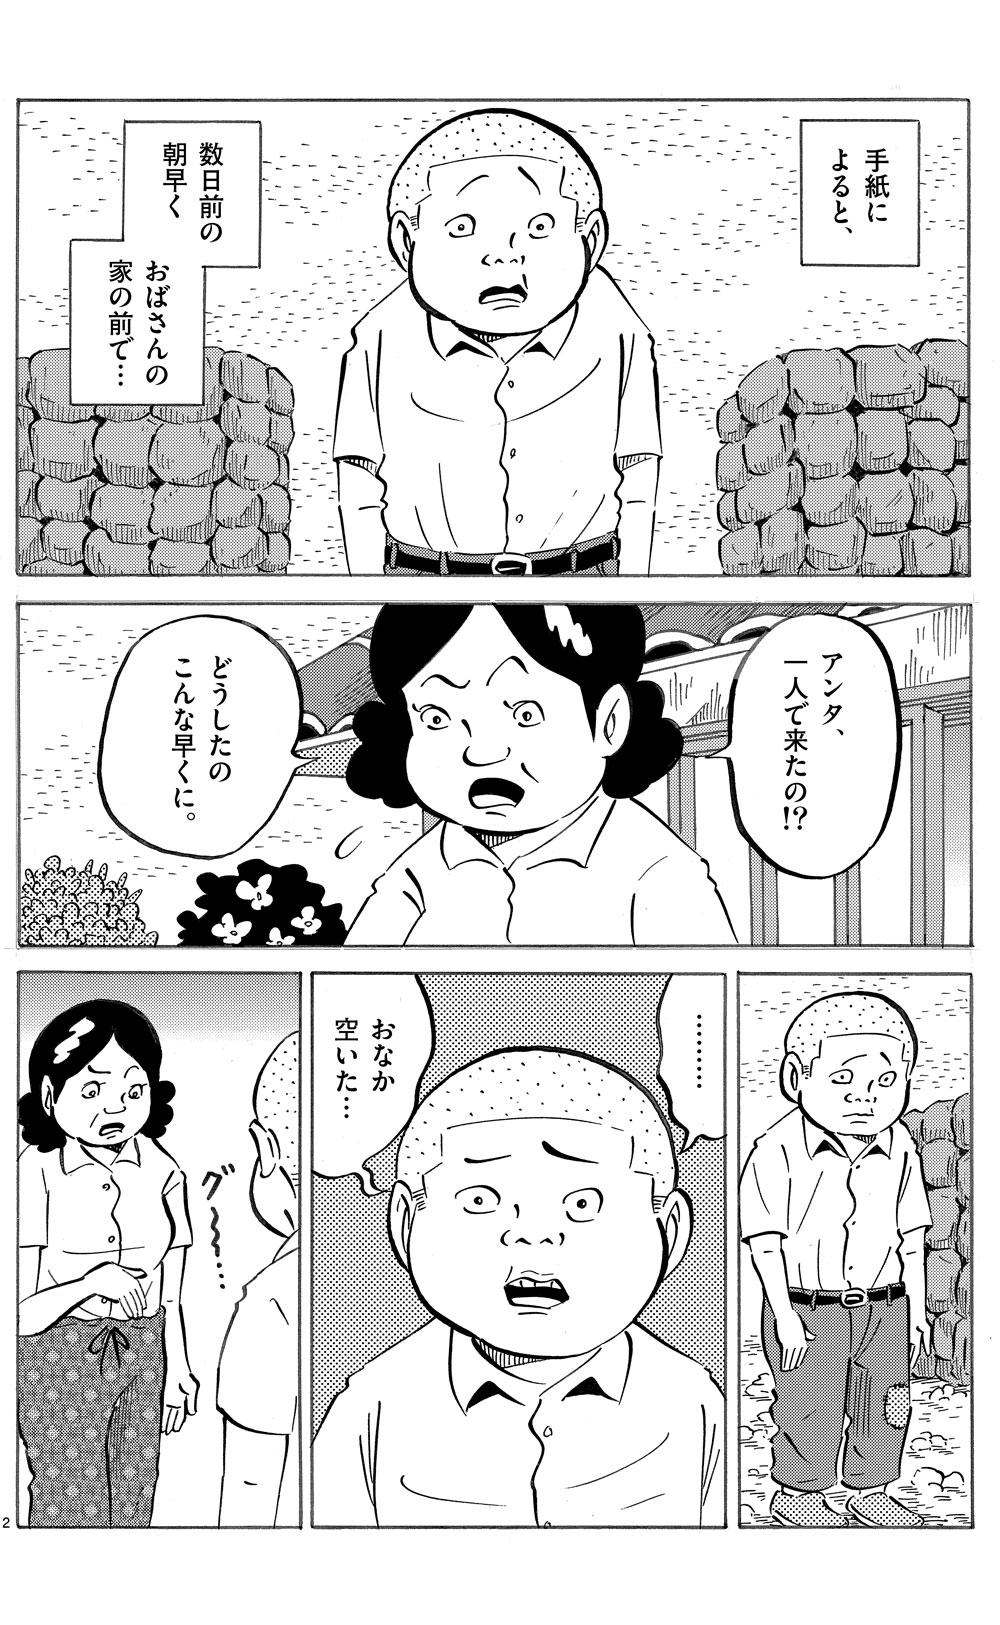 琉球怪談 【第3話】WEB掲載2ページ目画像